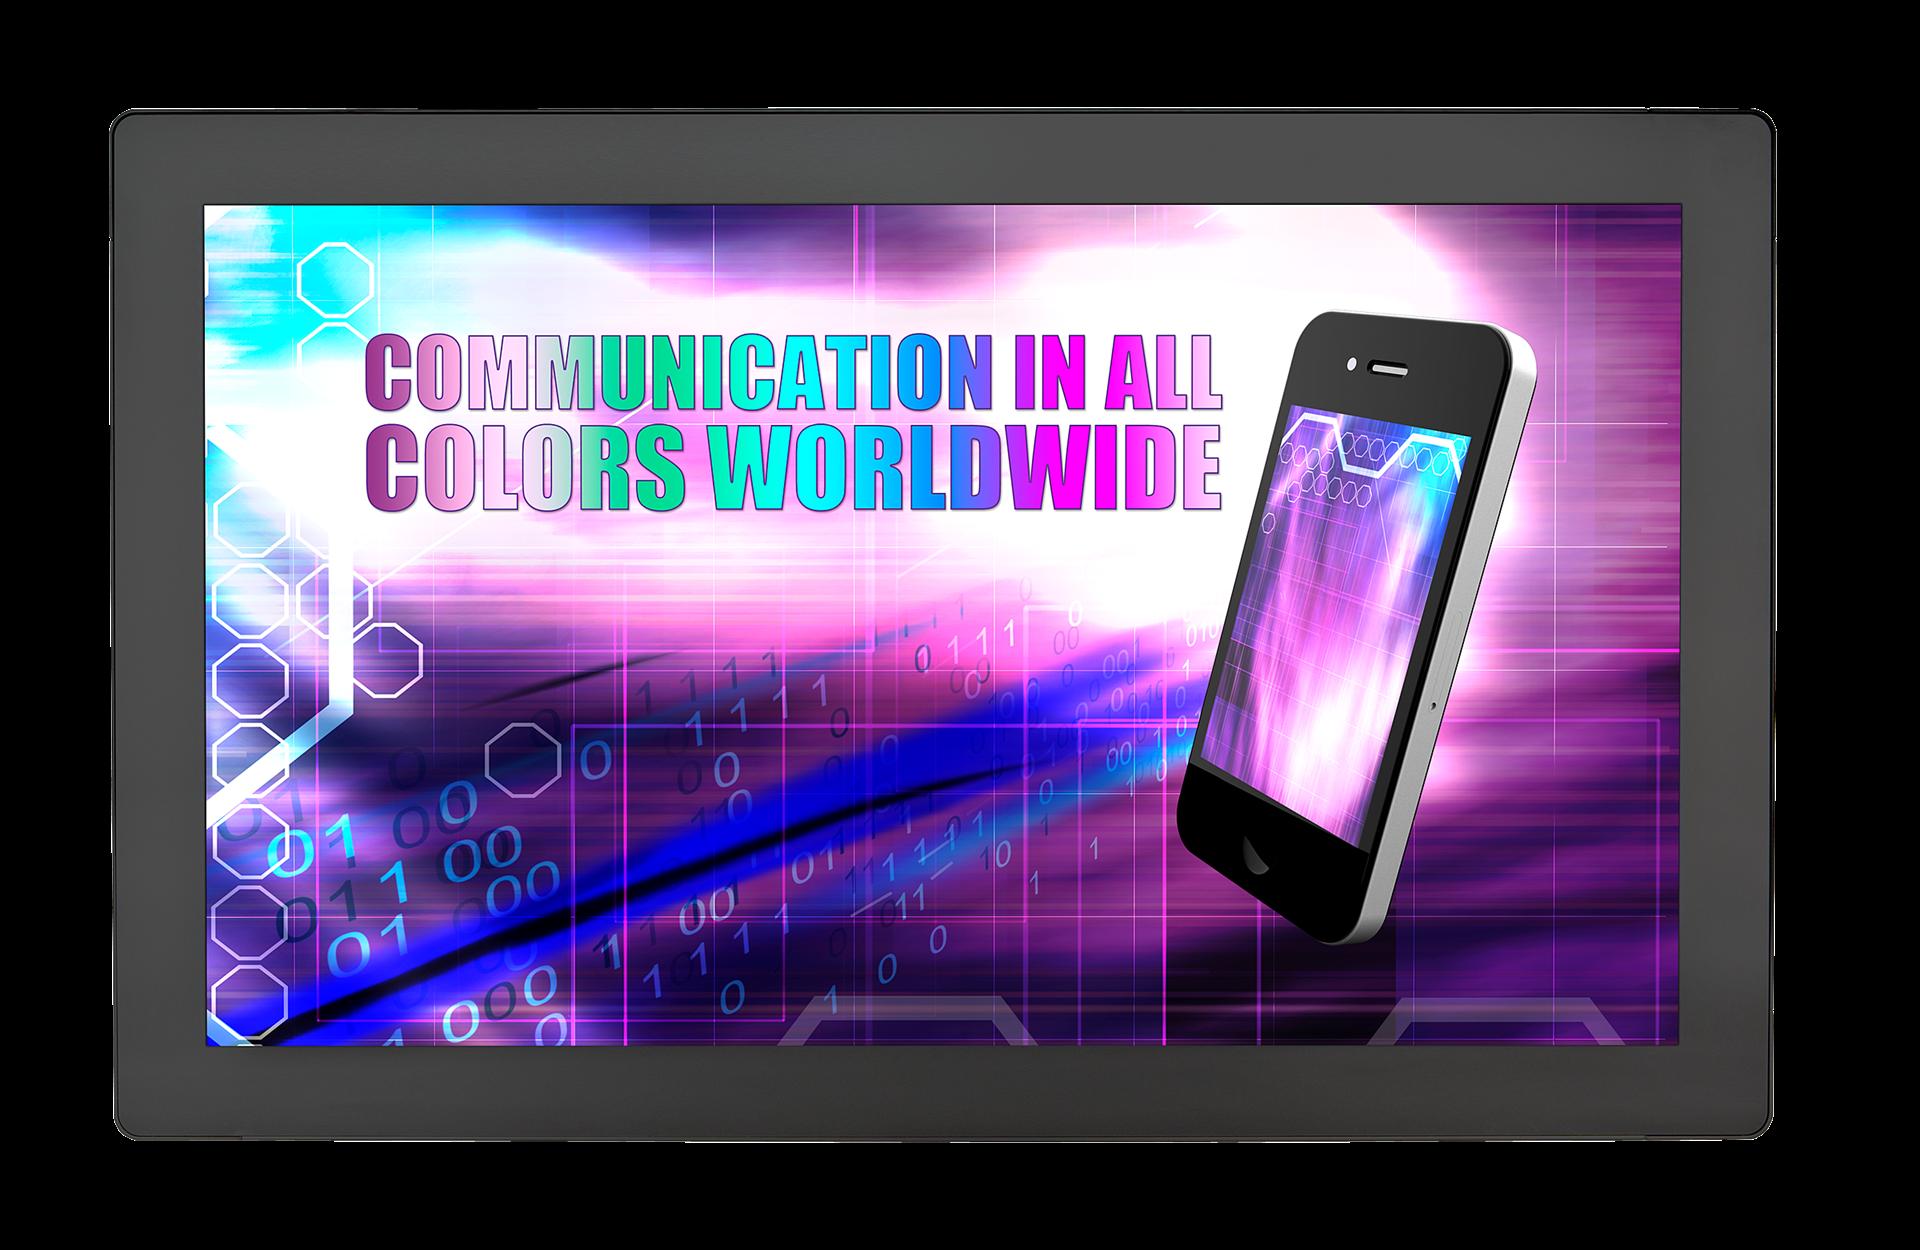 """Широкоформатный 32"""" ЖК-дисплей с multi-touch сенсорным экраном"""